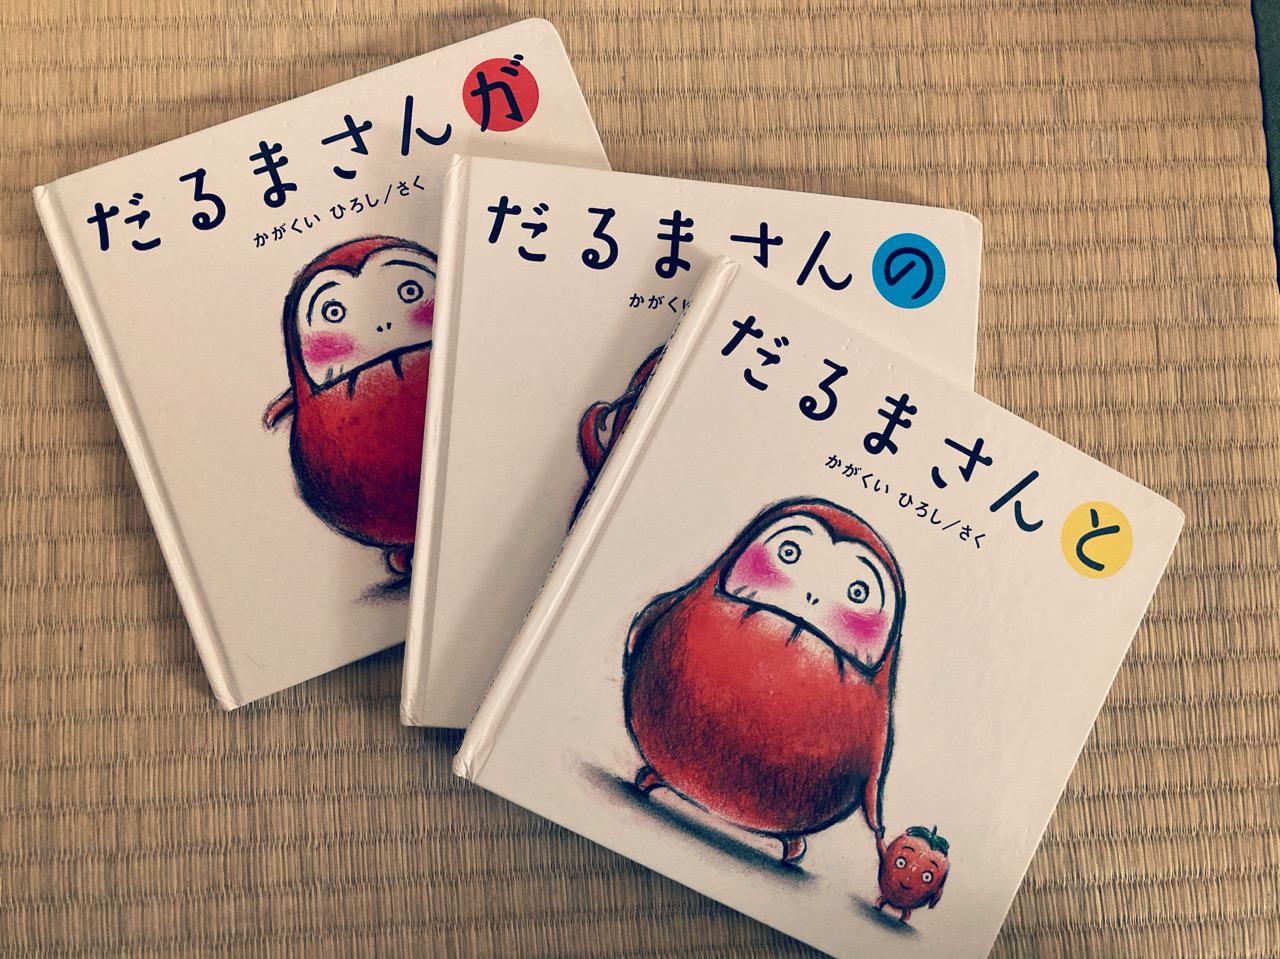 0歳おすすめ絵本「だるまさんシリーズ」